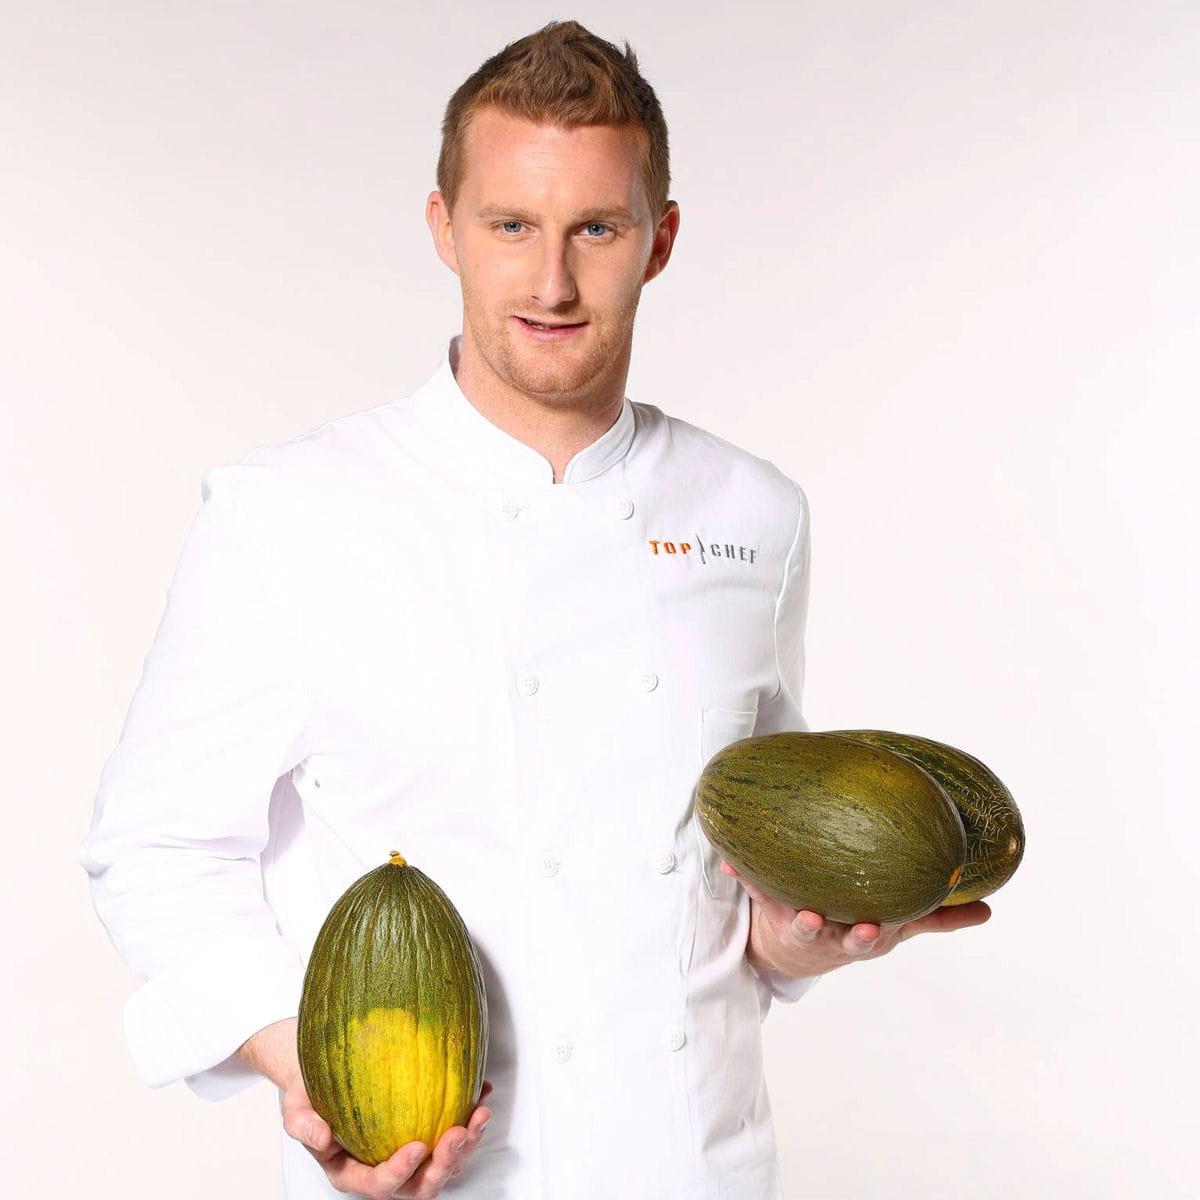 Julien lapraille 26 ans cuisinier domicile en belgique for Cuisinier domicile